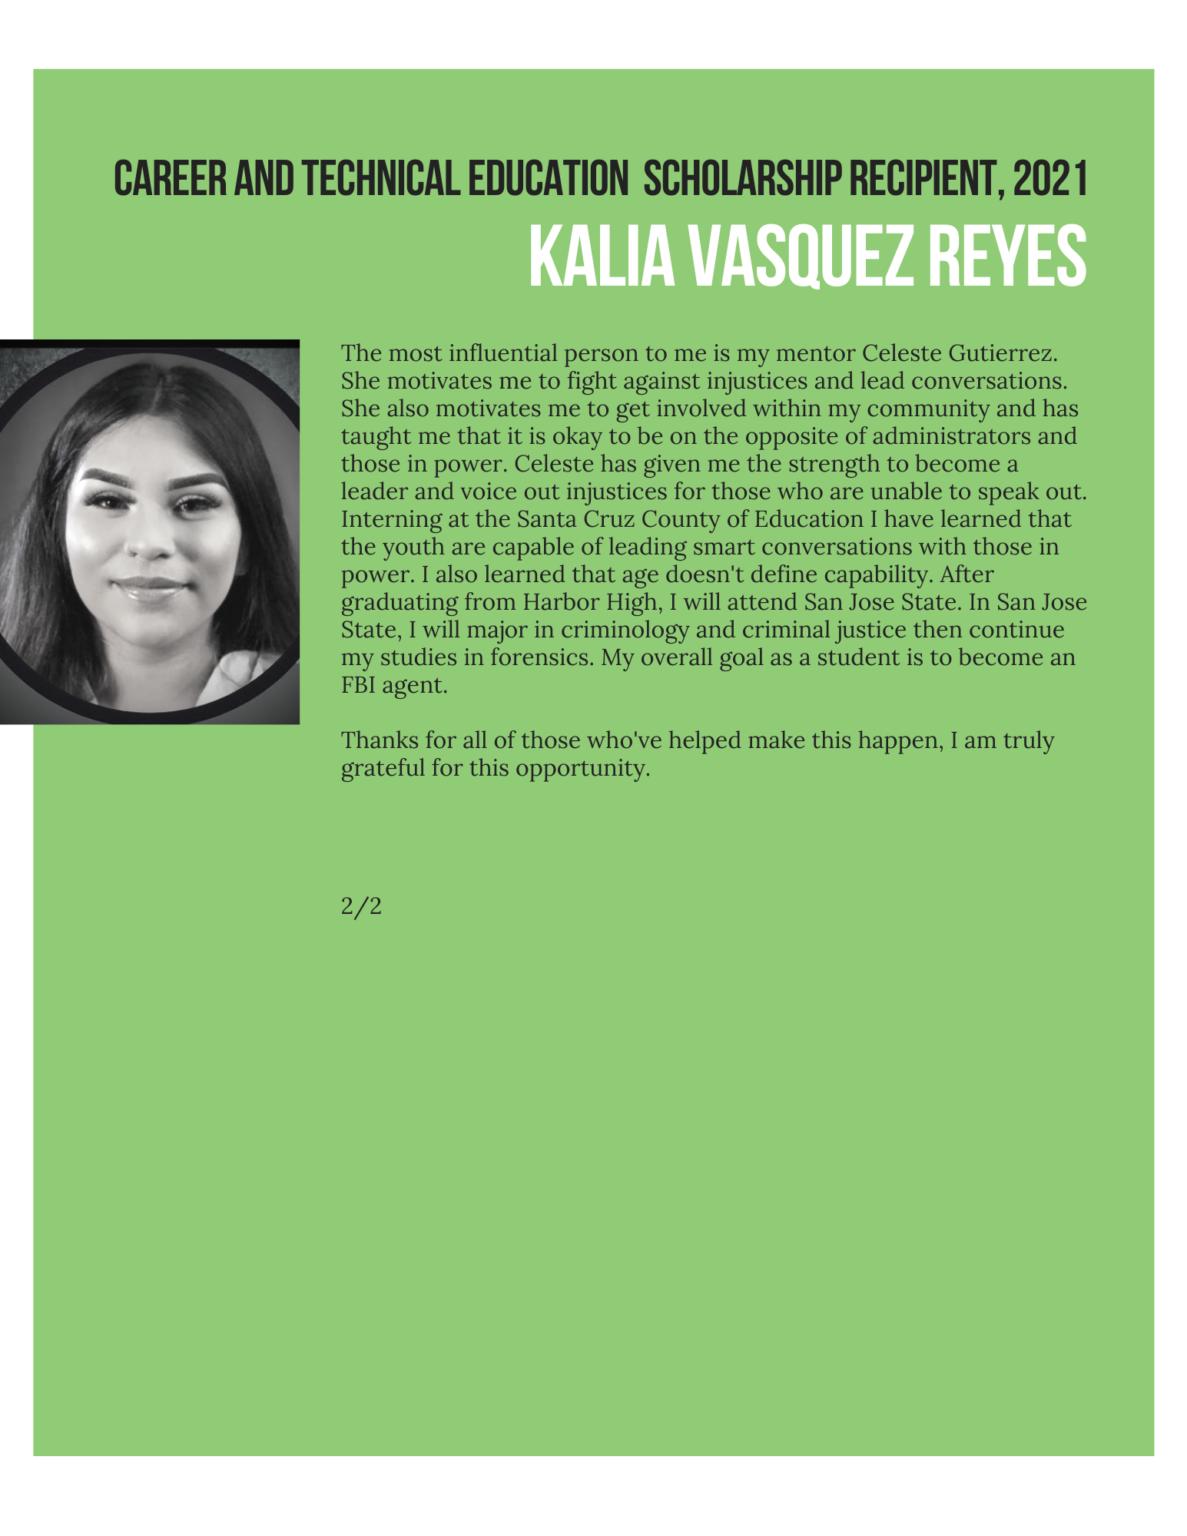 kalia vasquez essay 2